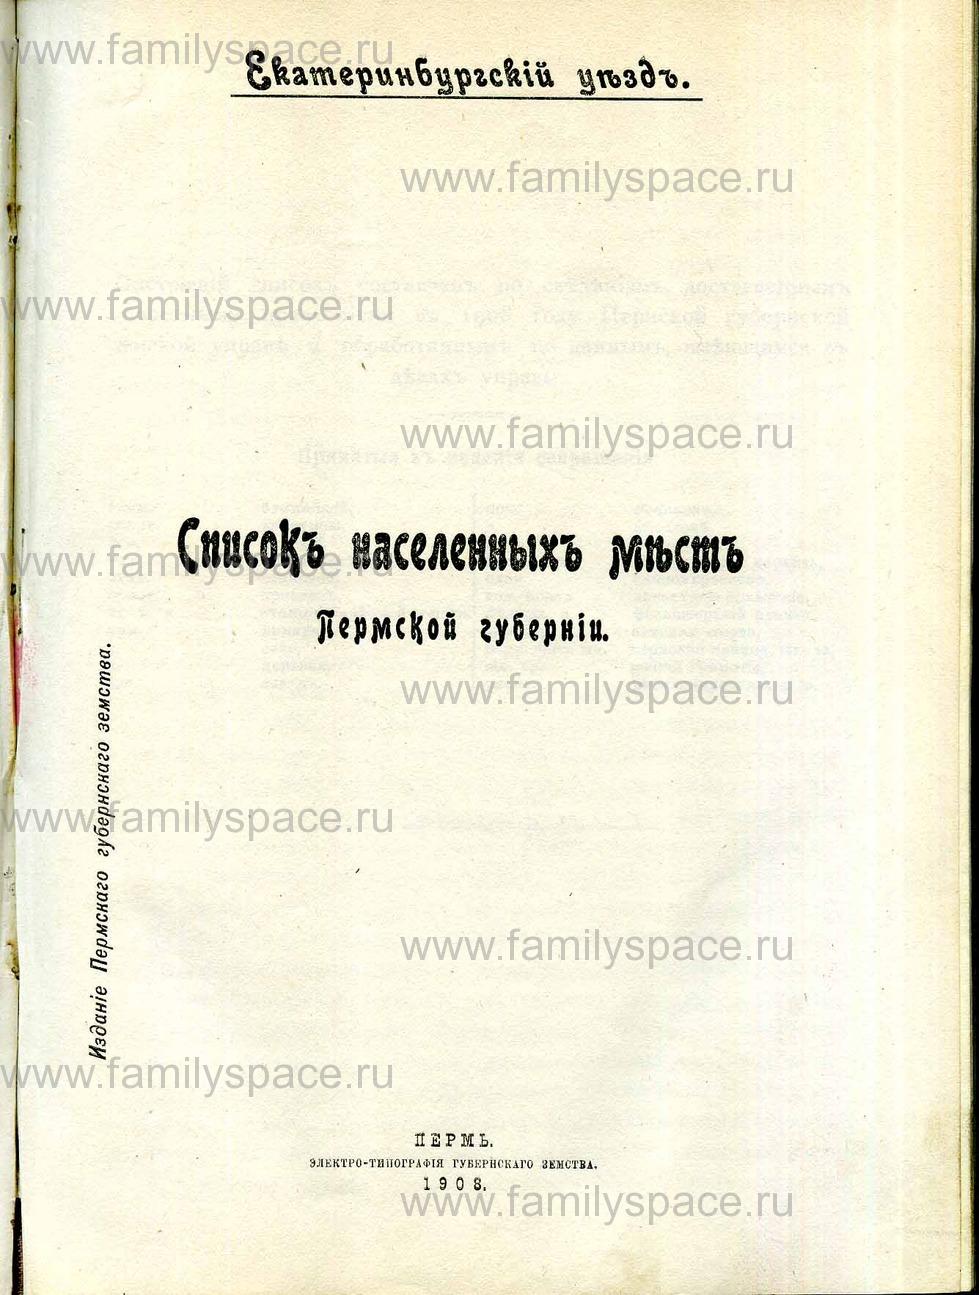 Поиск по фамилии - Список населенных мест Пермской губернии Екатеринбургский уезд 1908 г, страница 1